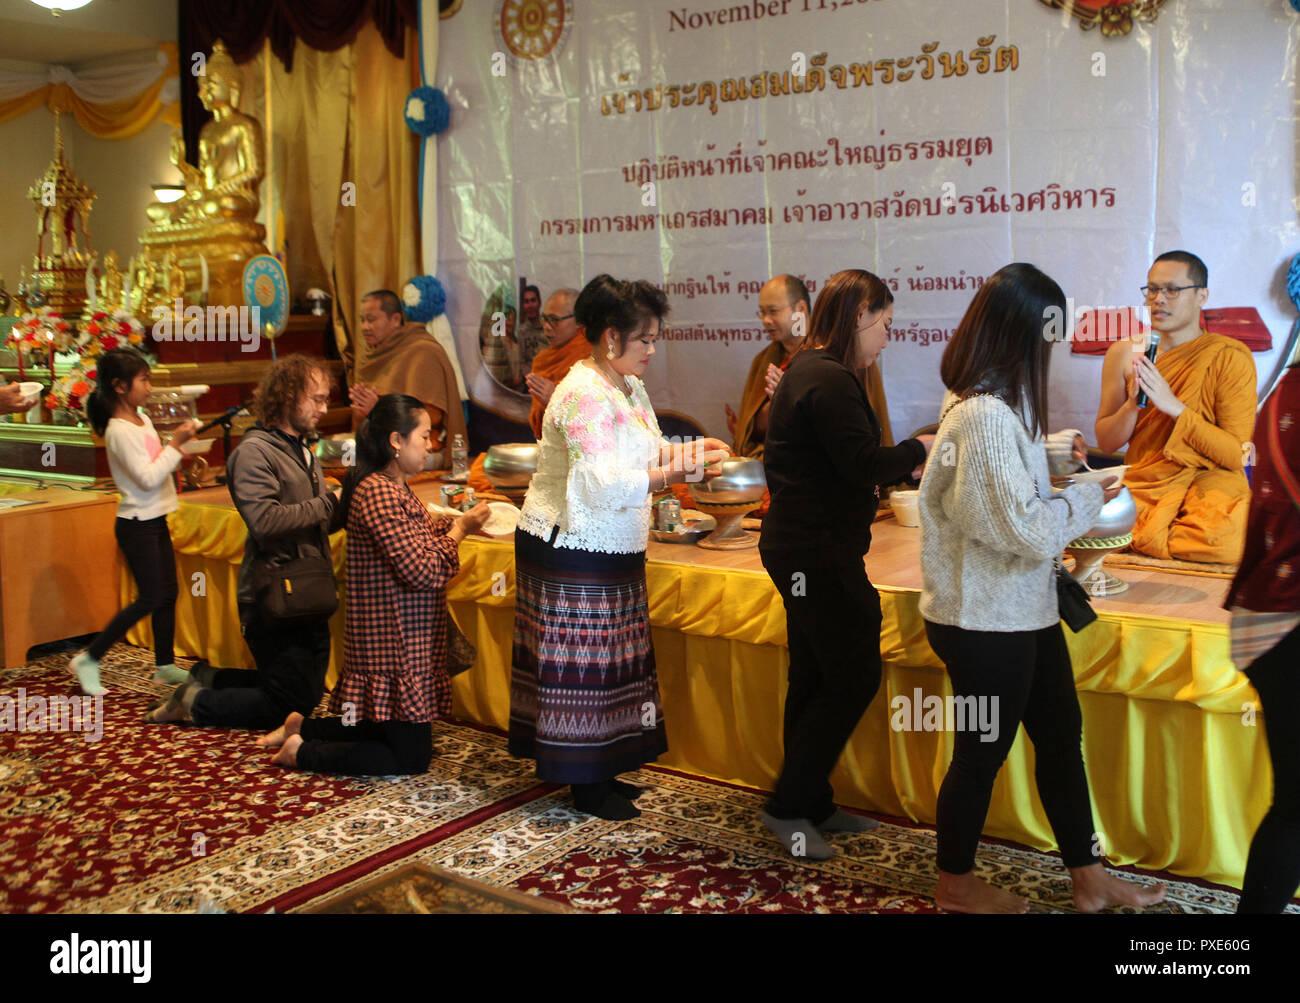 Les dévots bouddhistes offrent la nourriture aux moines à la fin du carême célébration annuelle tenue au temple Wat Bouddha Vararam de Boston, qu'un des deux dans le Massachusetts. Photo Stock